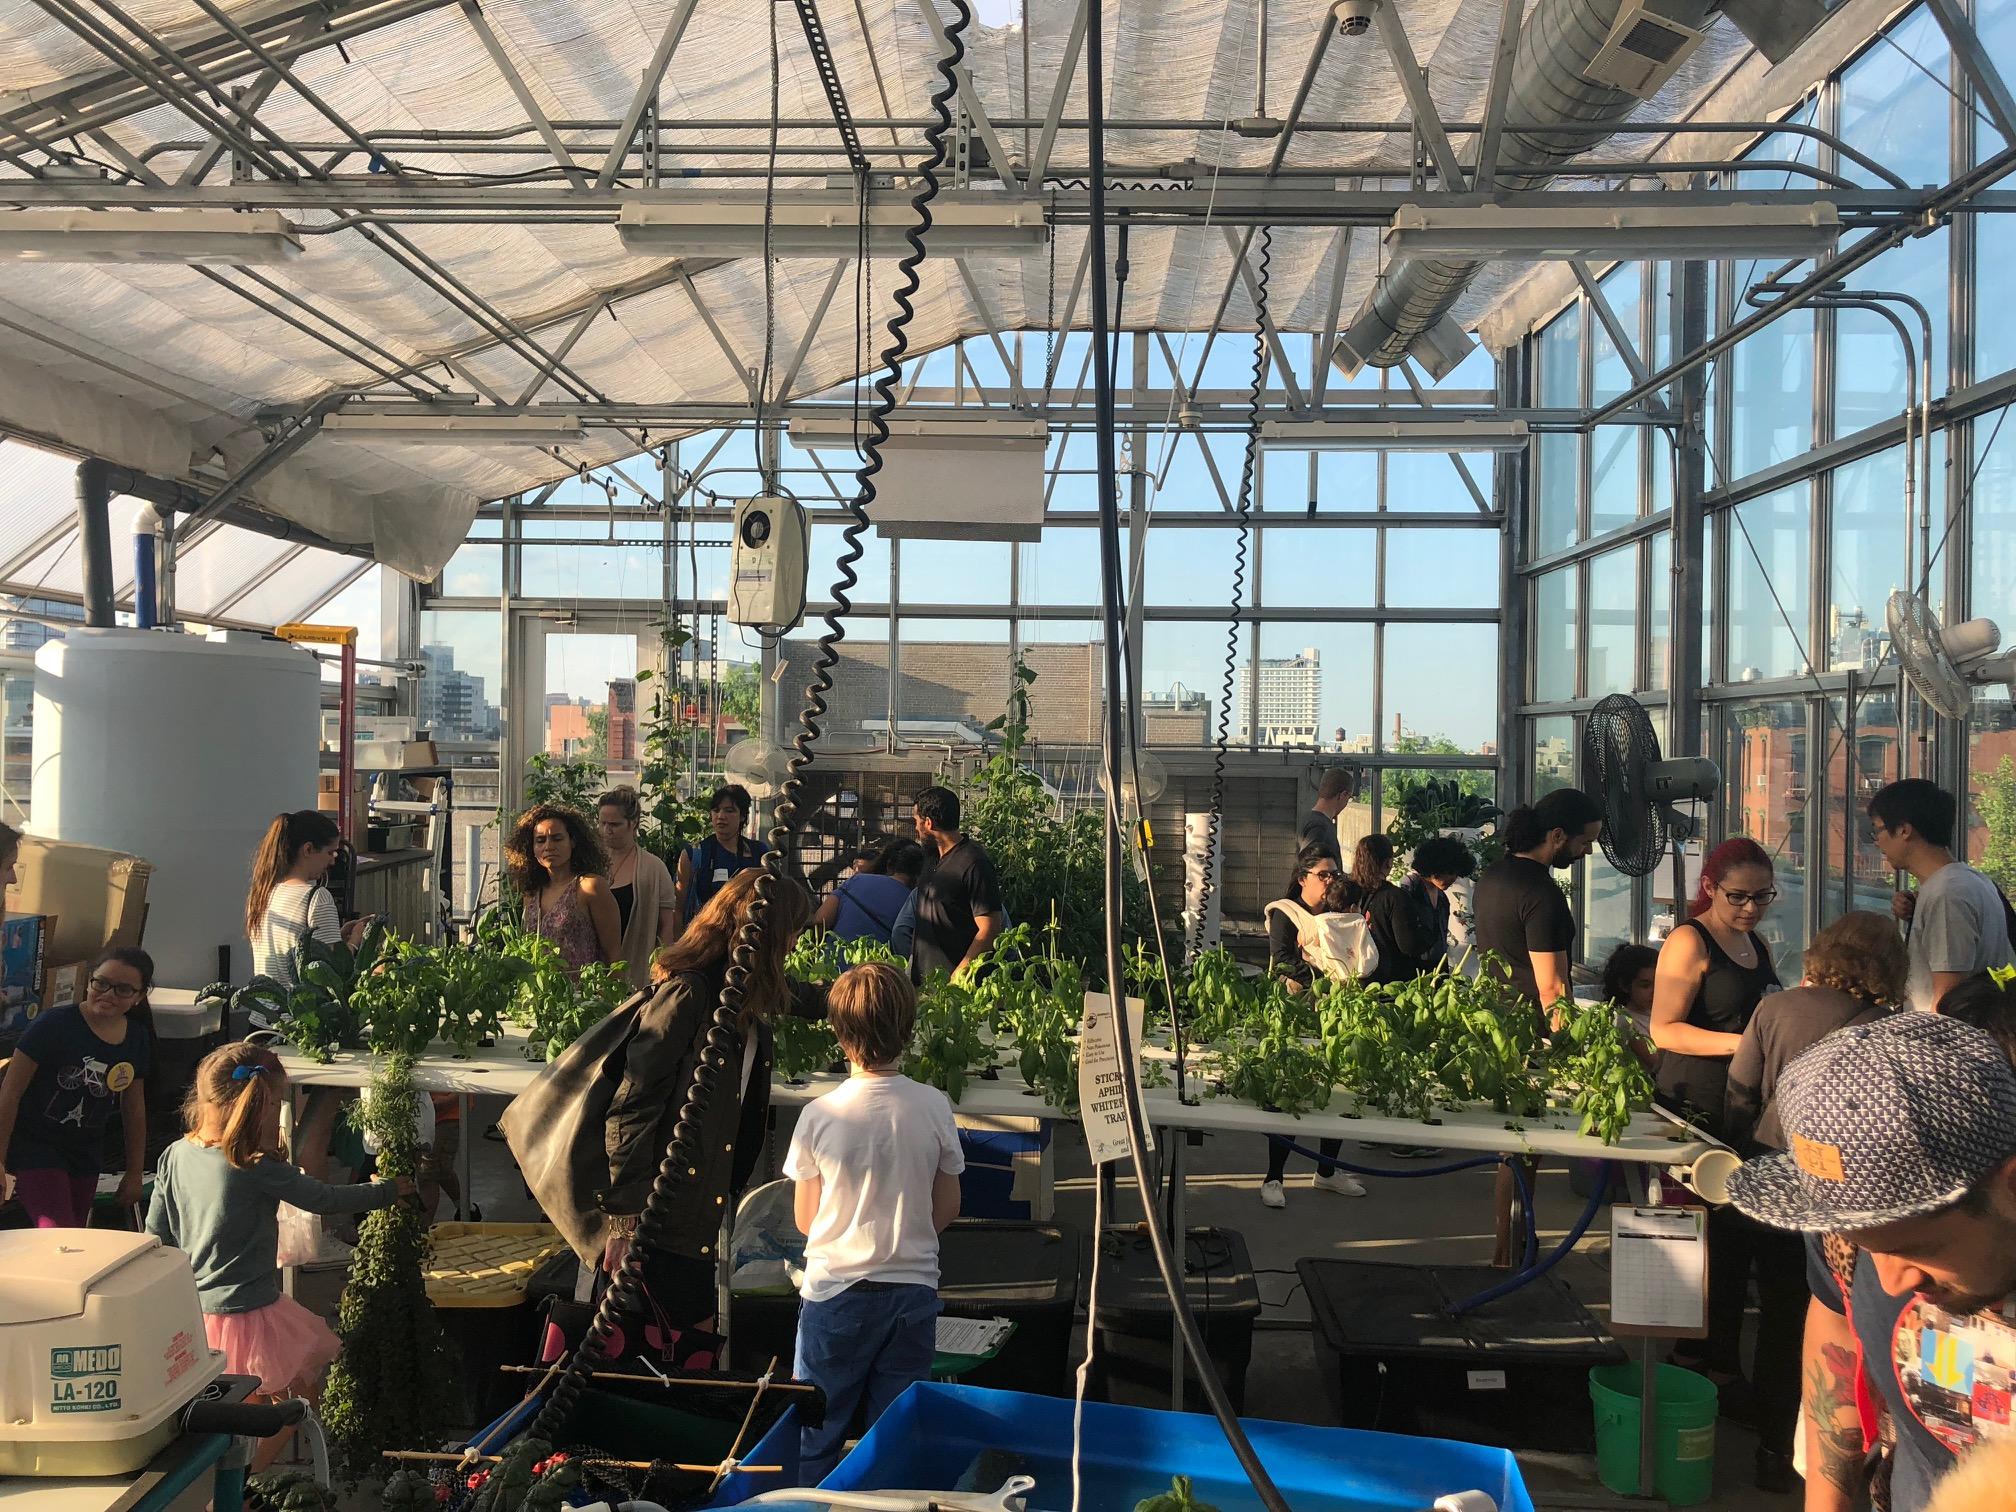 Greenhouse classroom during the Exploratorium 2018